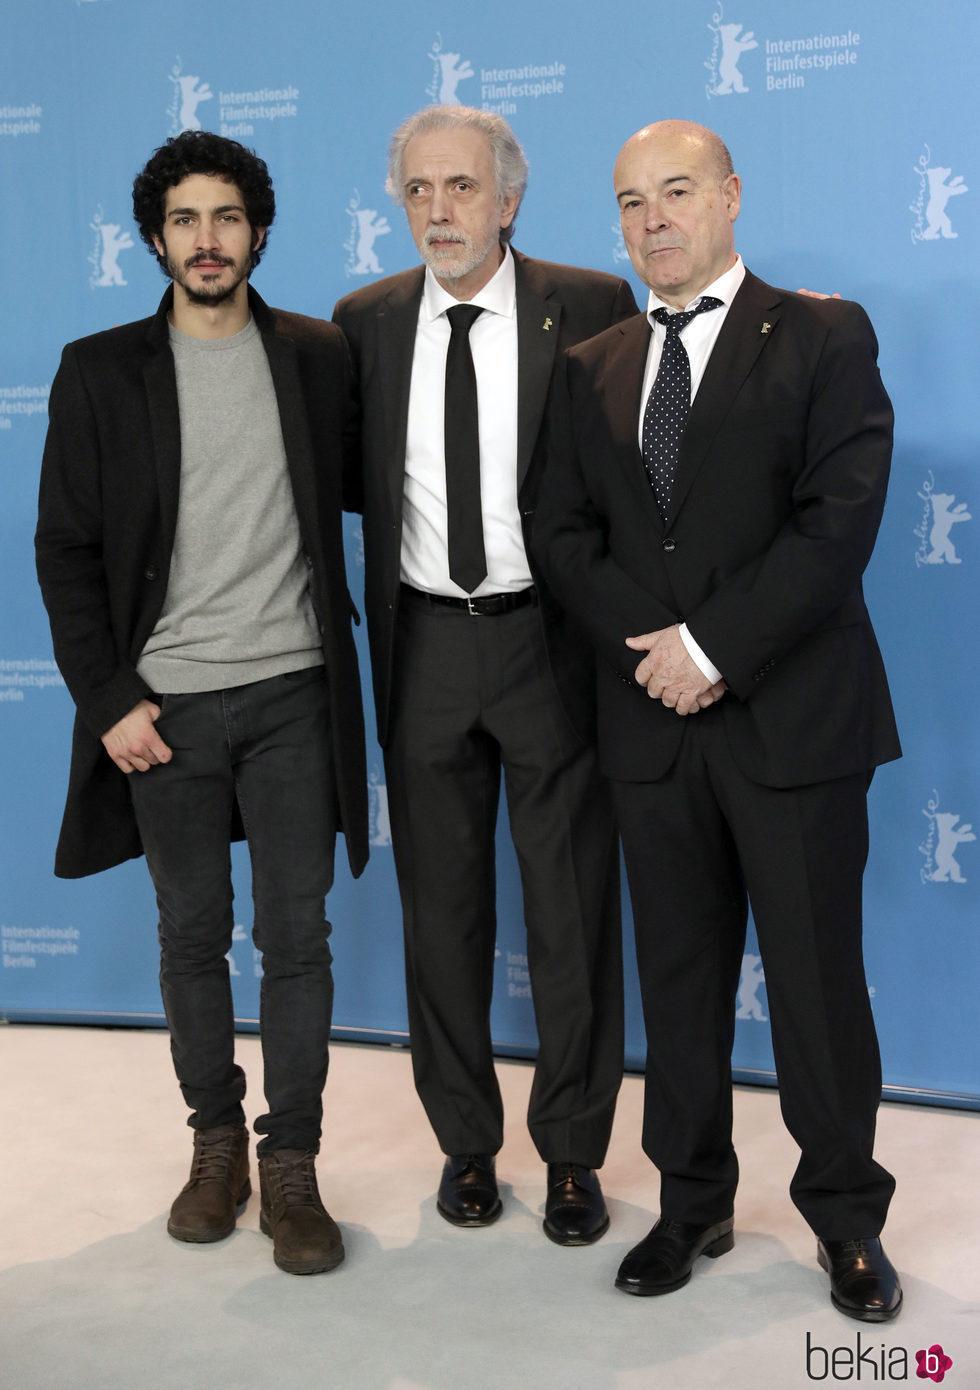 Chino Darín, Fernando Trueba y Antonio Resines presentan 'La Reina de España' en la Berlinale 2017